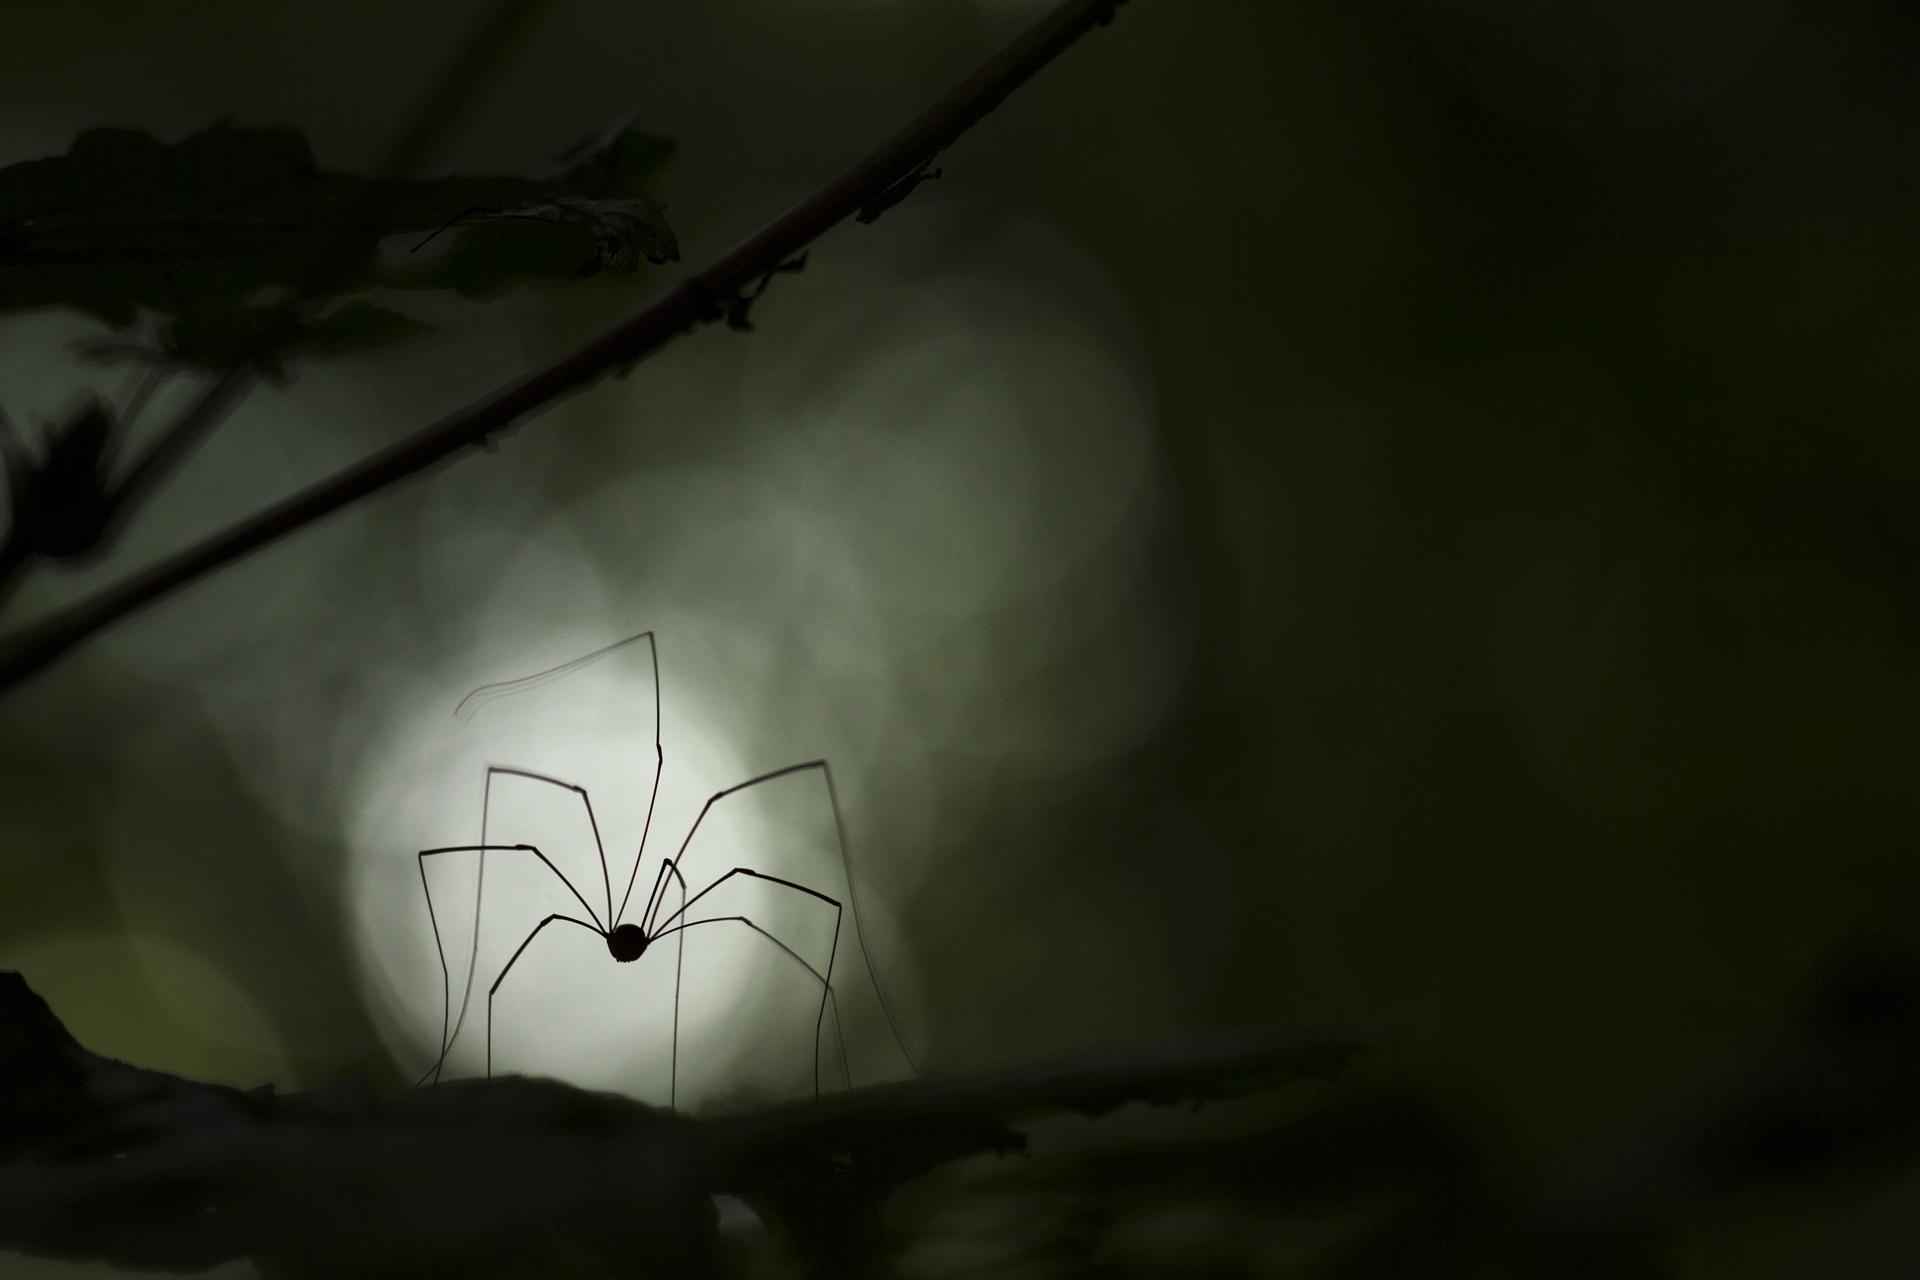 L'araignée_Descamps Romain